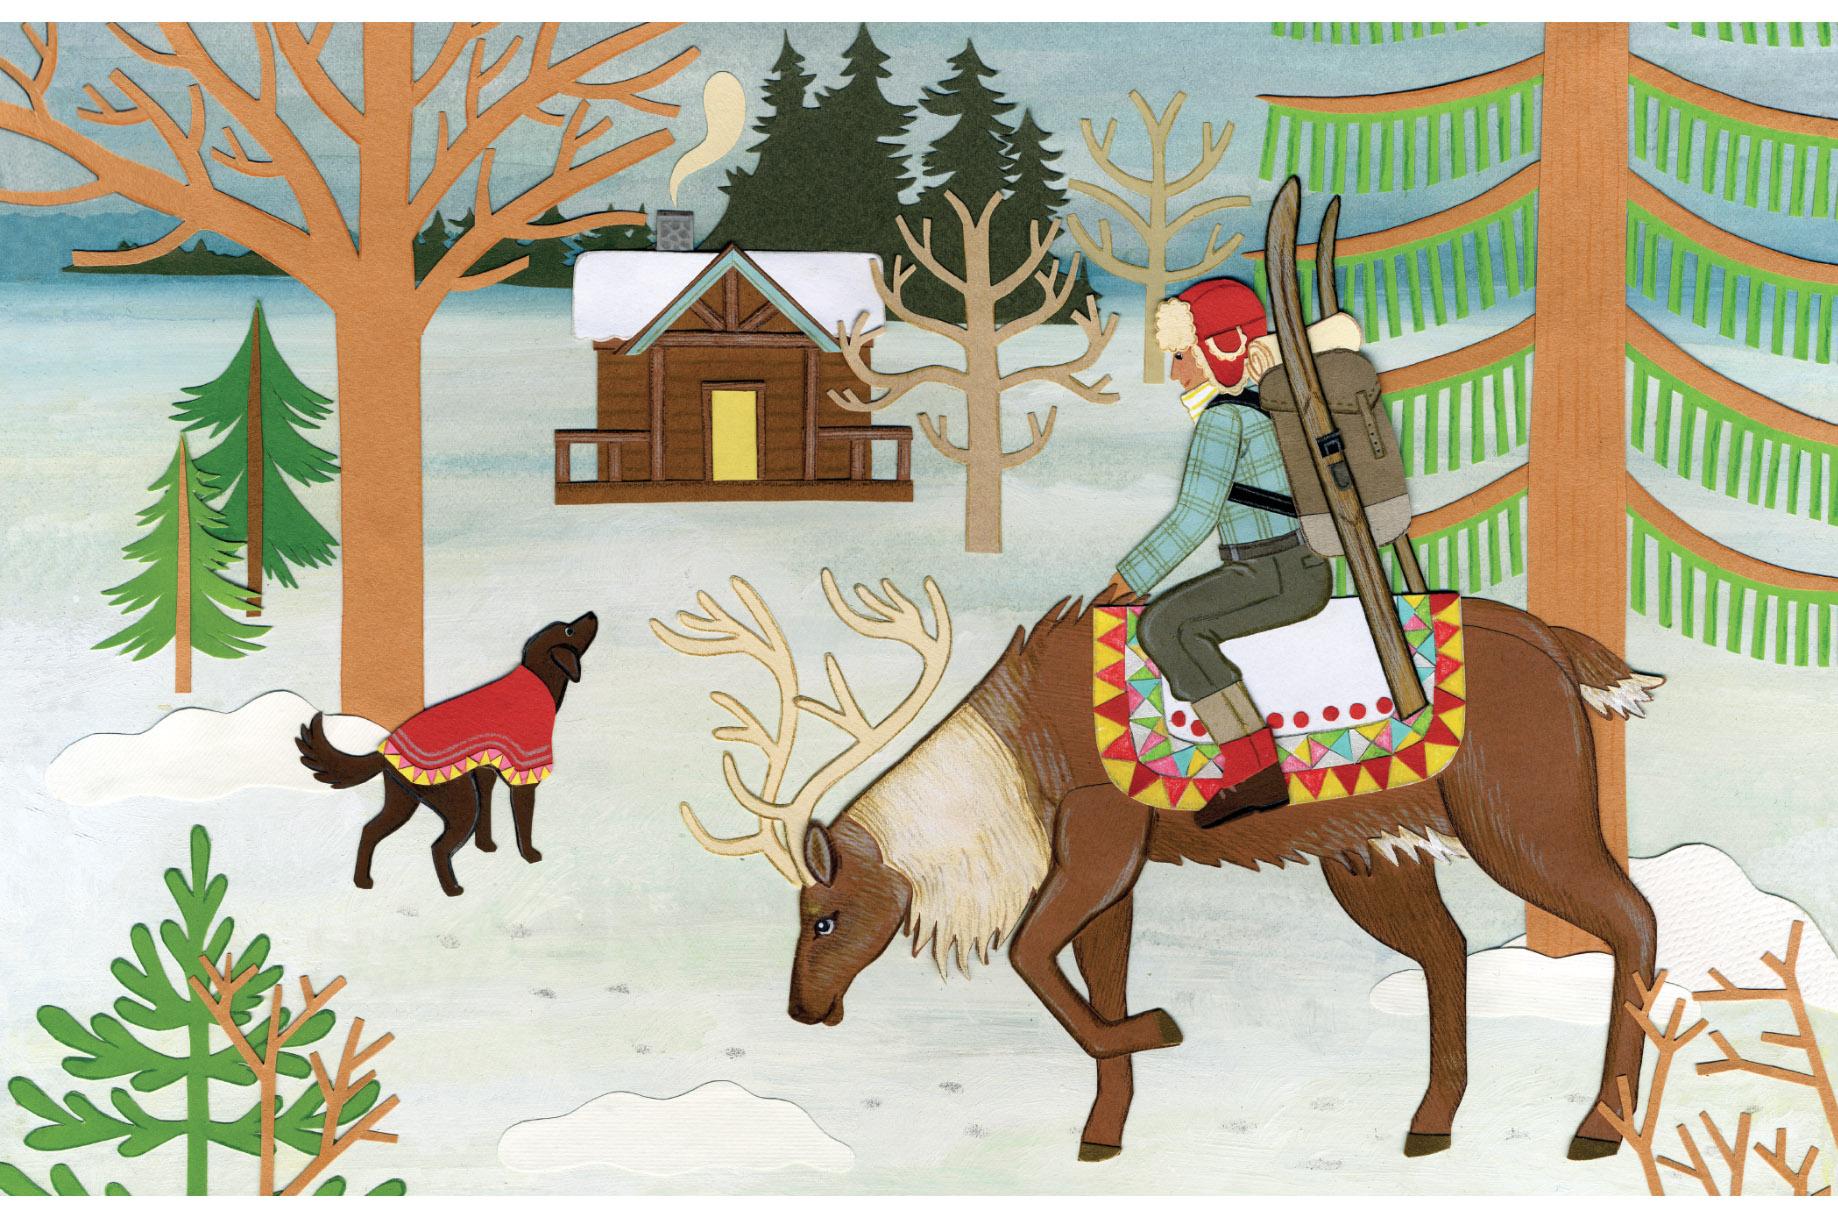 skier_riding_arctic_fox.jpg